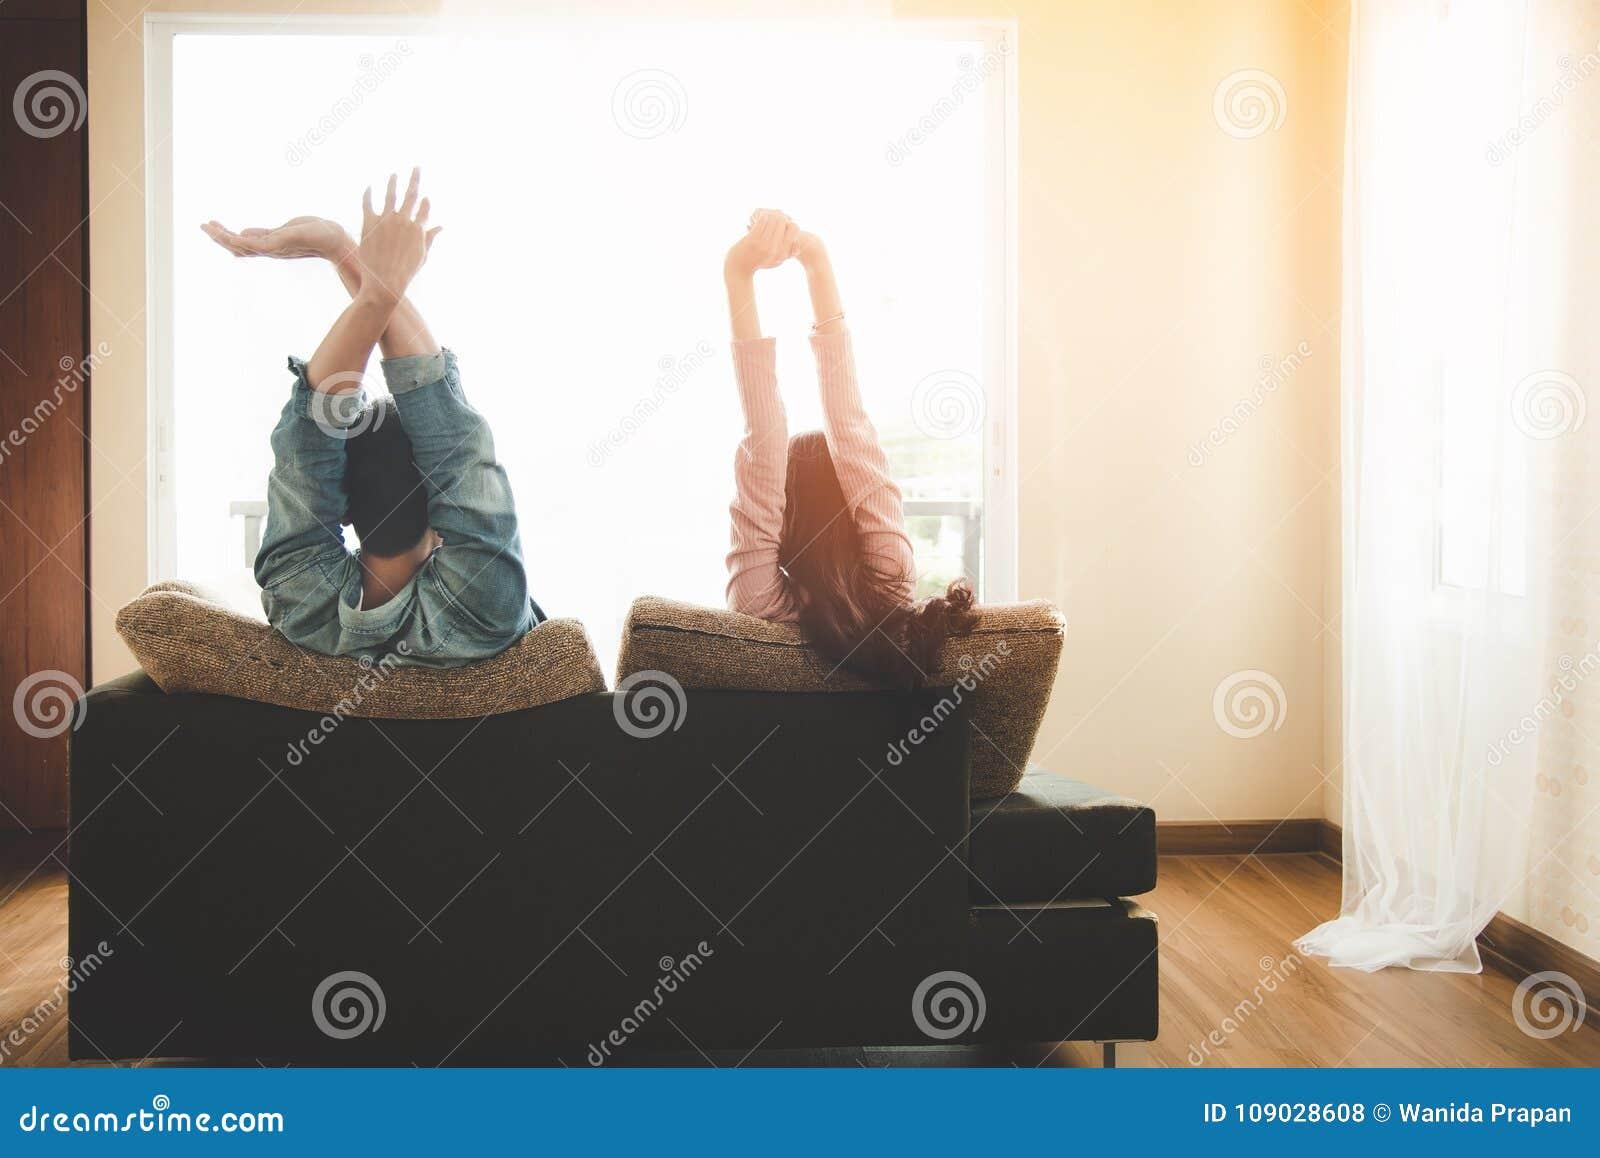 Lebensstil-Paare in der Liebe und auf einem Sofa zu Hause sich entspannen und draußen schauen durch das Fenster des Wohnzimmers